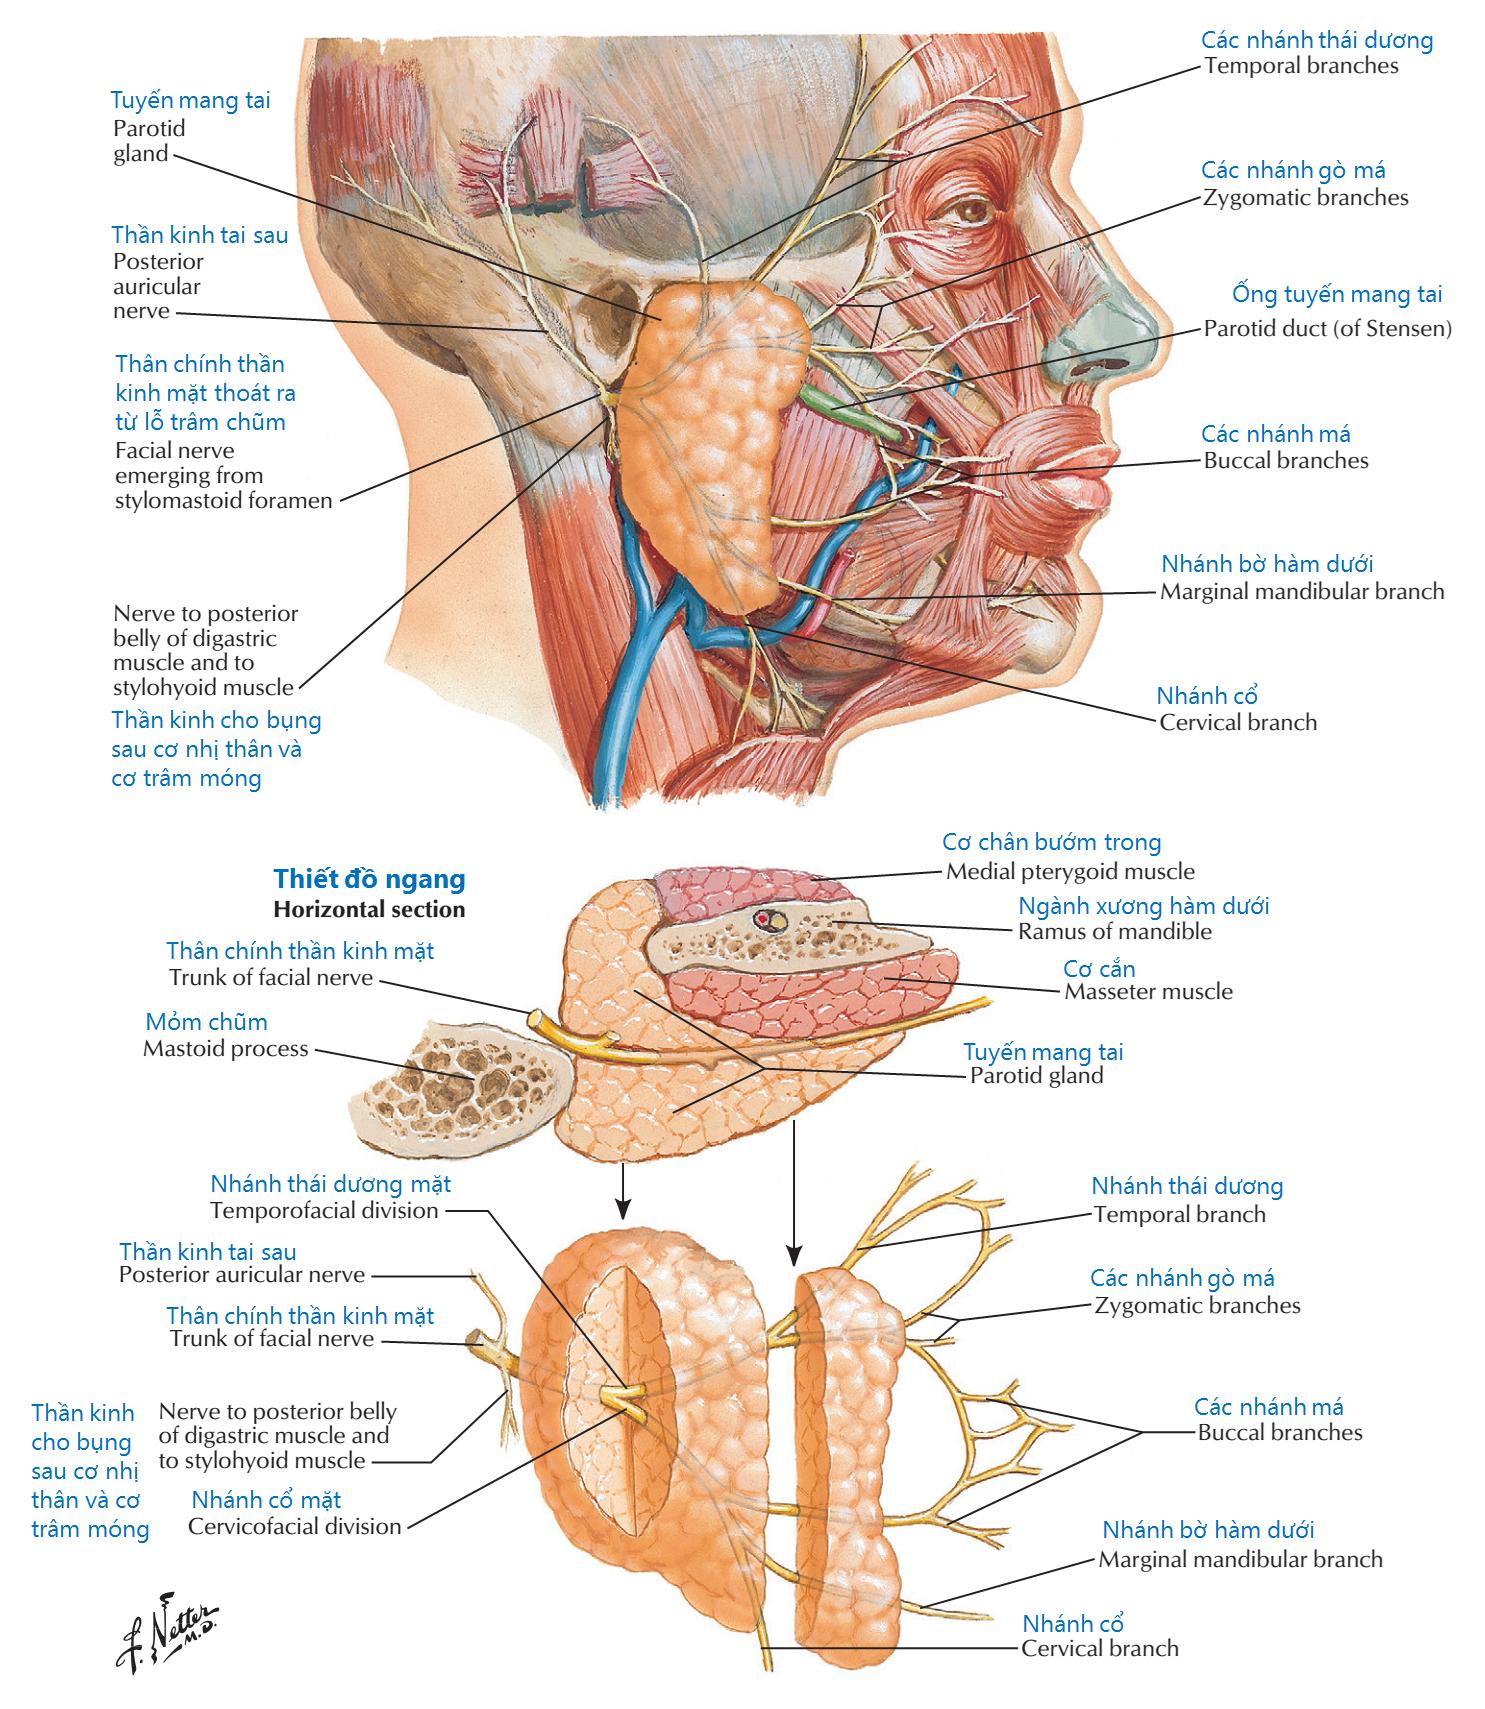 Các nhánh thần kinh mặt và tuyến mang tai